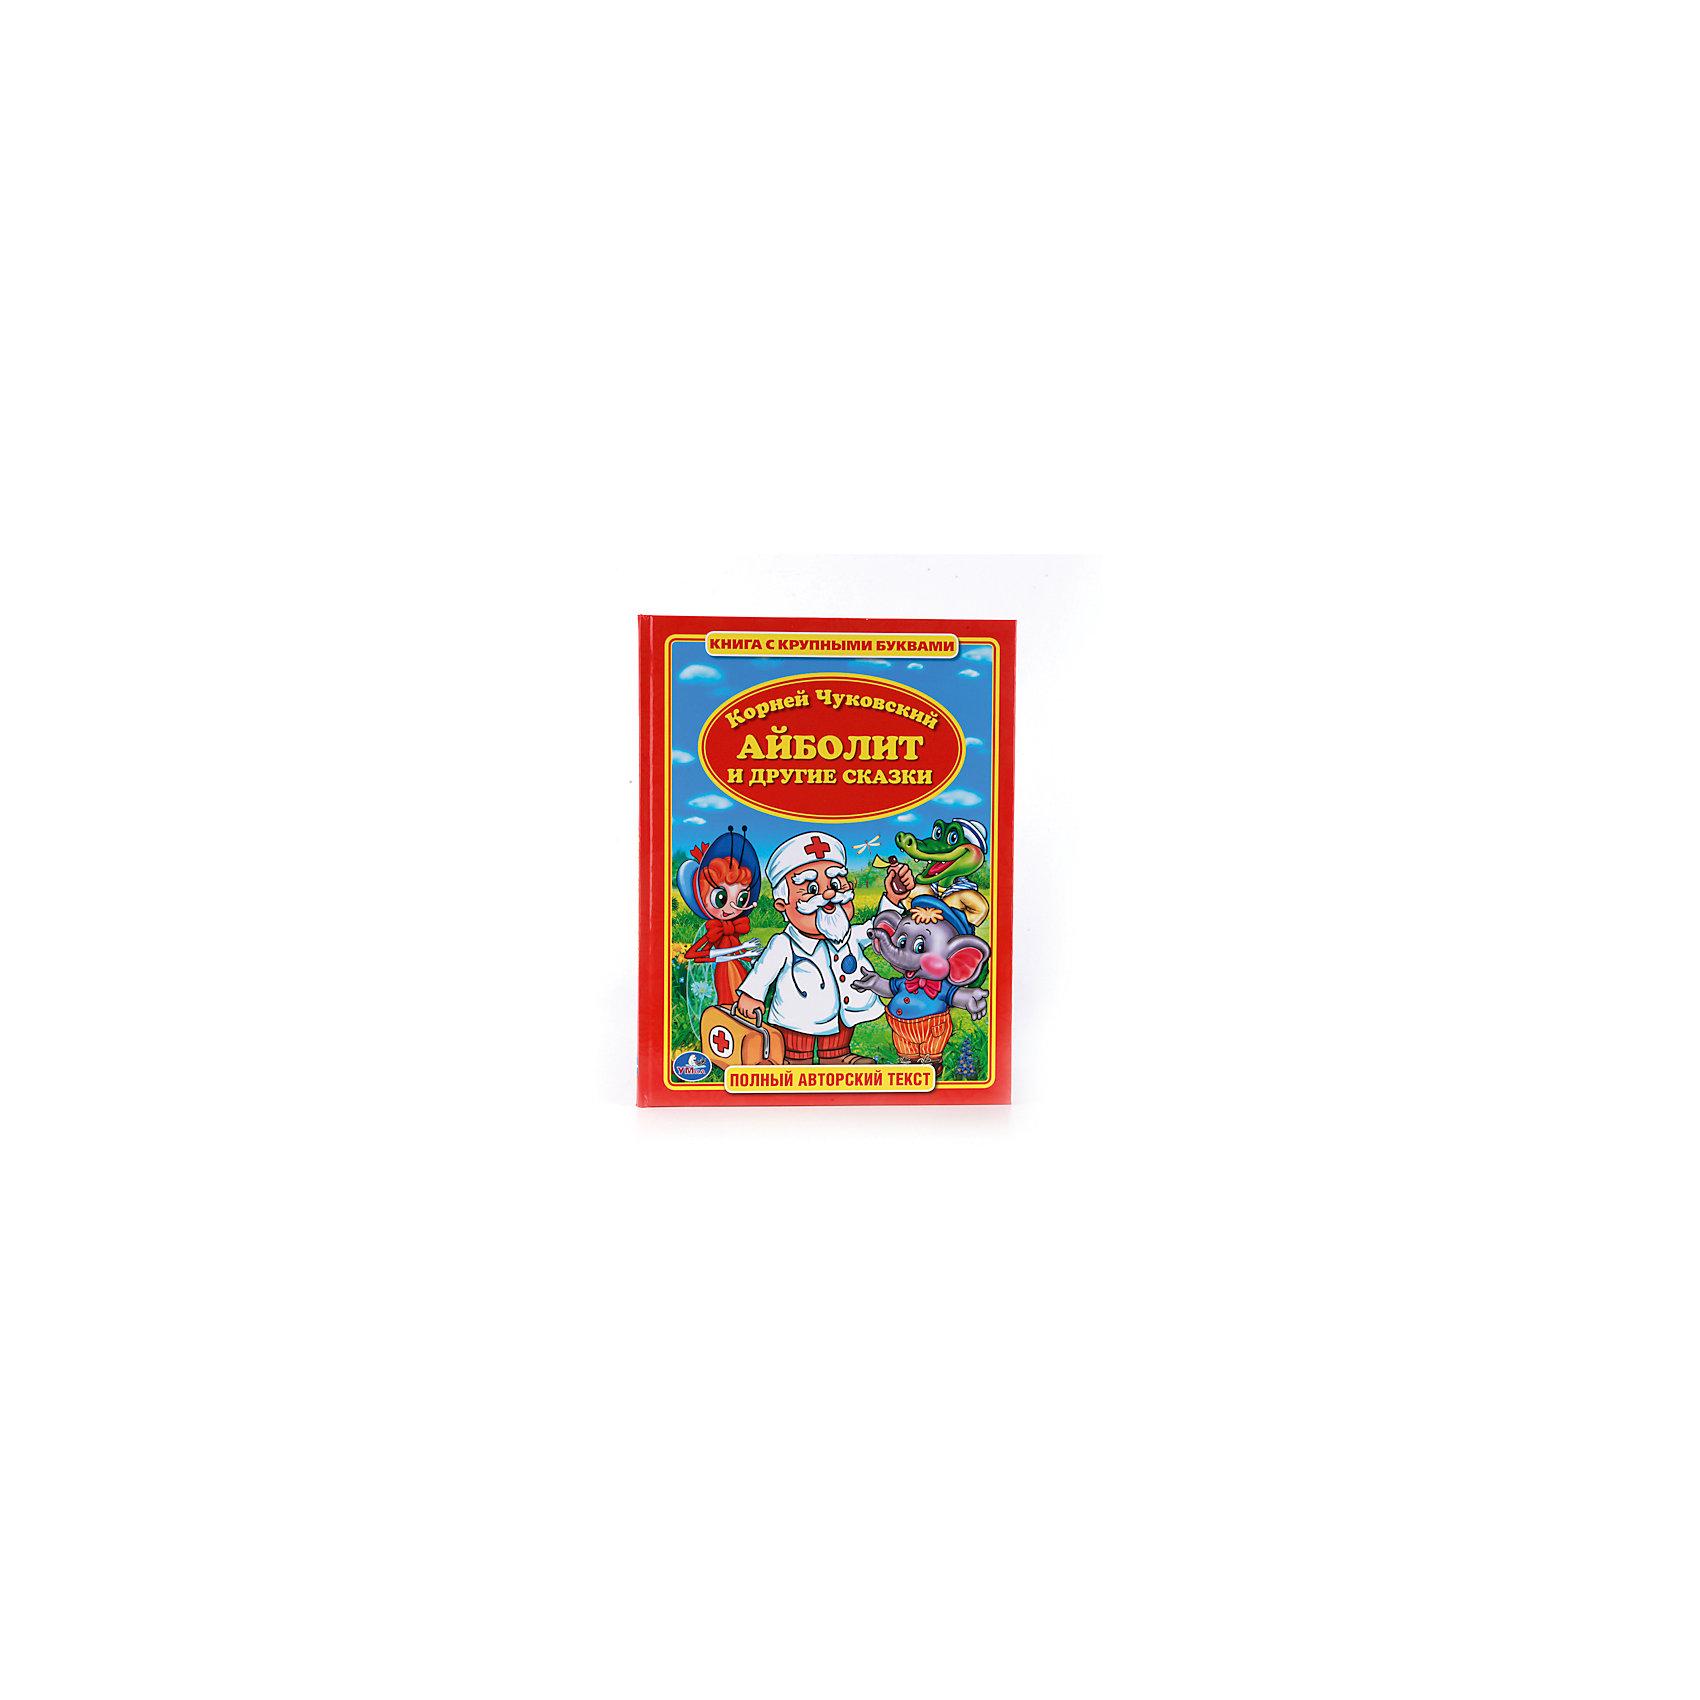 Книга с крупными буквами Айболит, К.ЧуковскийУмка<br>Характеристики товара:<br><br>• цвет: разноцветный<br>• размер: 26x20 см<br>• материал: картон<br>• страниц: 32<br>• возраст: 0+<br>• обложка: твердая<br>• цветные иллюстрации<br>• страна бренда: РФ<br>• страна изготовитель: РФ<br><br>Сказки и стихи не только развлекают малышей, они помогают учиться и познавать мир! Такая книжка станет отличным подарком ребенку и родителям - ведь с помощью неё можно учиться добру и рассматривать картинки. Формат - очень удобный, качество печати - отличное! Книжка дополнена яркими картинками. Книжки с крупными буквами созданы специально для малышей - так им легче научиться читать.<br>Чтение даже в юном возрасте помогает детям развивать важные навыки и способности, оно активизирует мышление, формирует усидчивость, логику и воображение. Изделие производится из качественных и проверенных материалов, которые безопасны для детей.<br><br>Книжку с крупными буквами Айболит, К.Чуковский от бренда Умка можно купить в нашем интернет-магазине.<br><br>Ширина мм: 10<br>Глубина мм: 260<br>Высота мм: 200<br>Вес г: 210<br>Возраст от месяцев: 36<br>Возраст до месяцев: 60<br>Пол: Унисекс<br>Возраст: Детский<br>SKU: 5196924